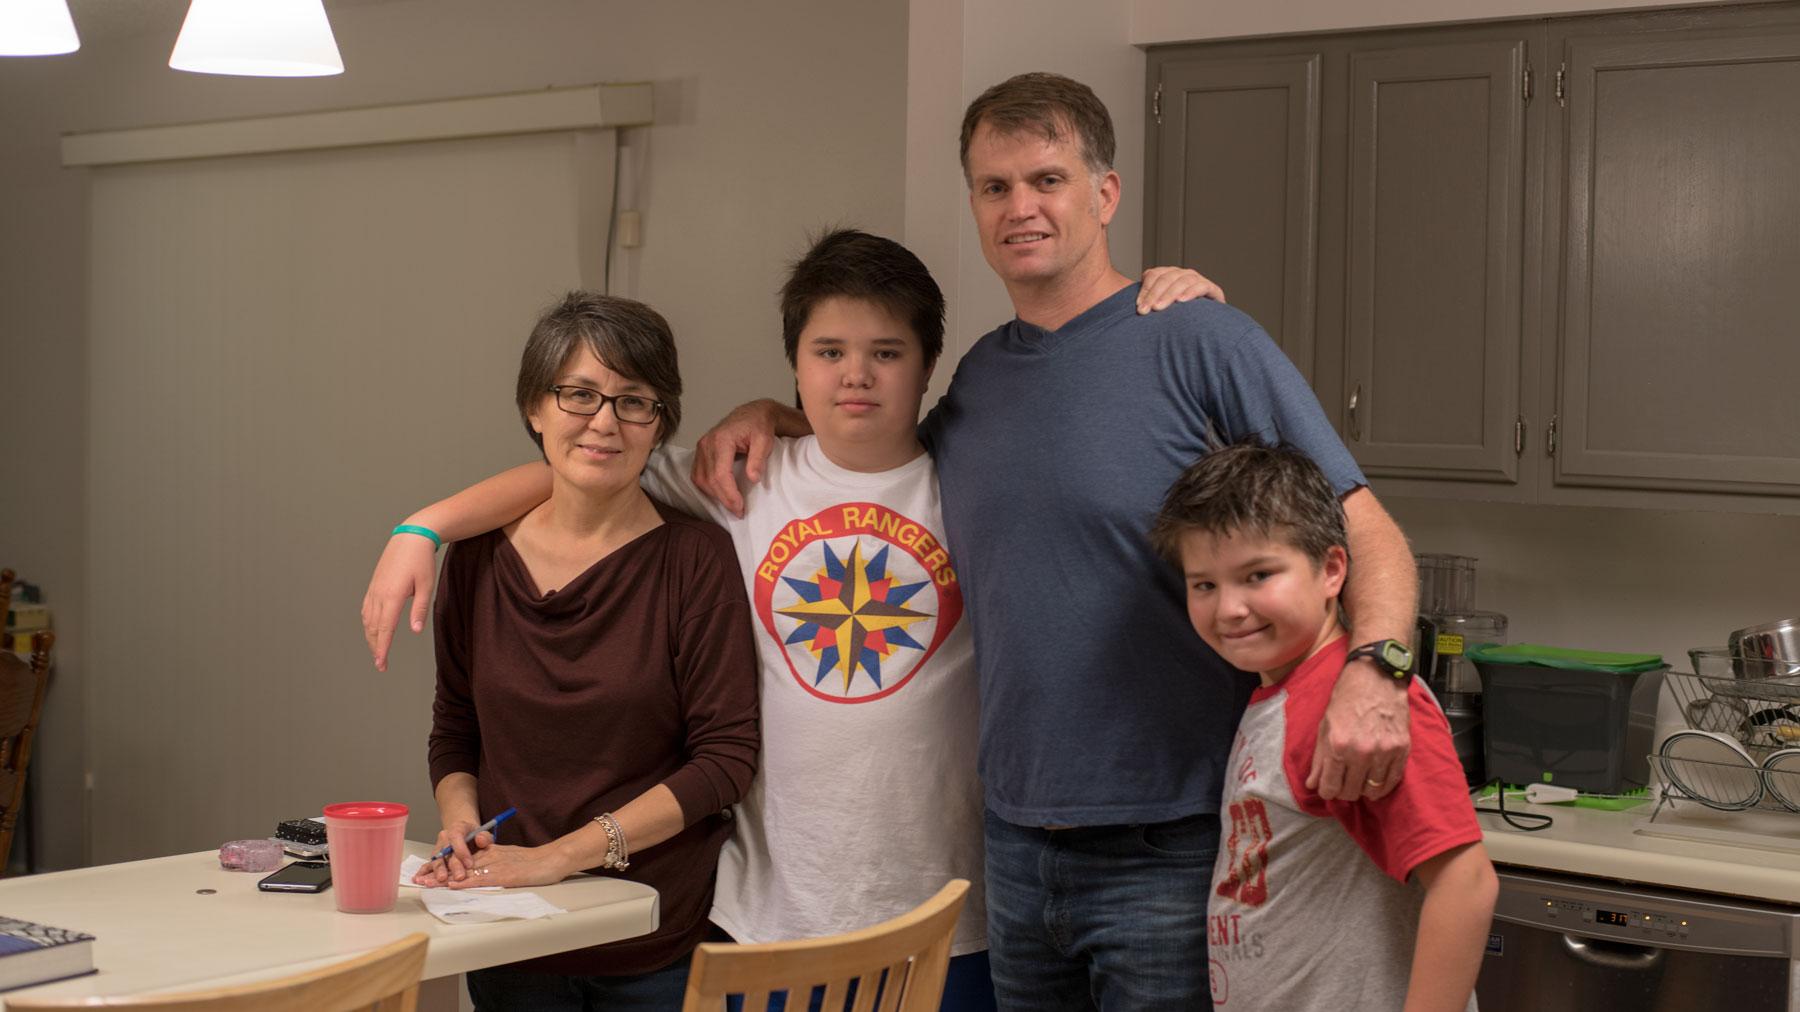 Казахстанцы в Америке. Раушан Моран: «Мне всегда хотелось помогать людям» 5